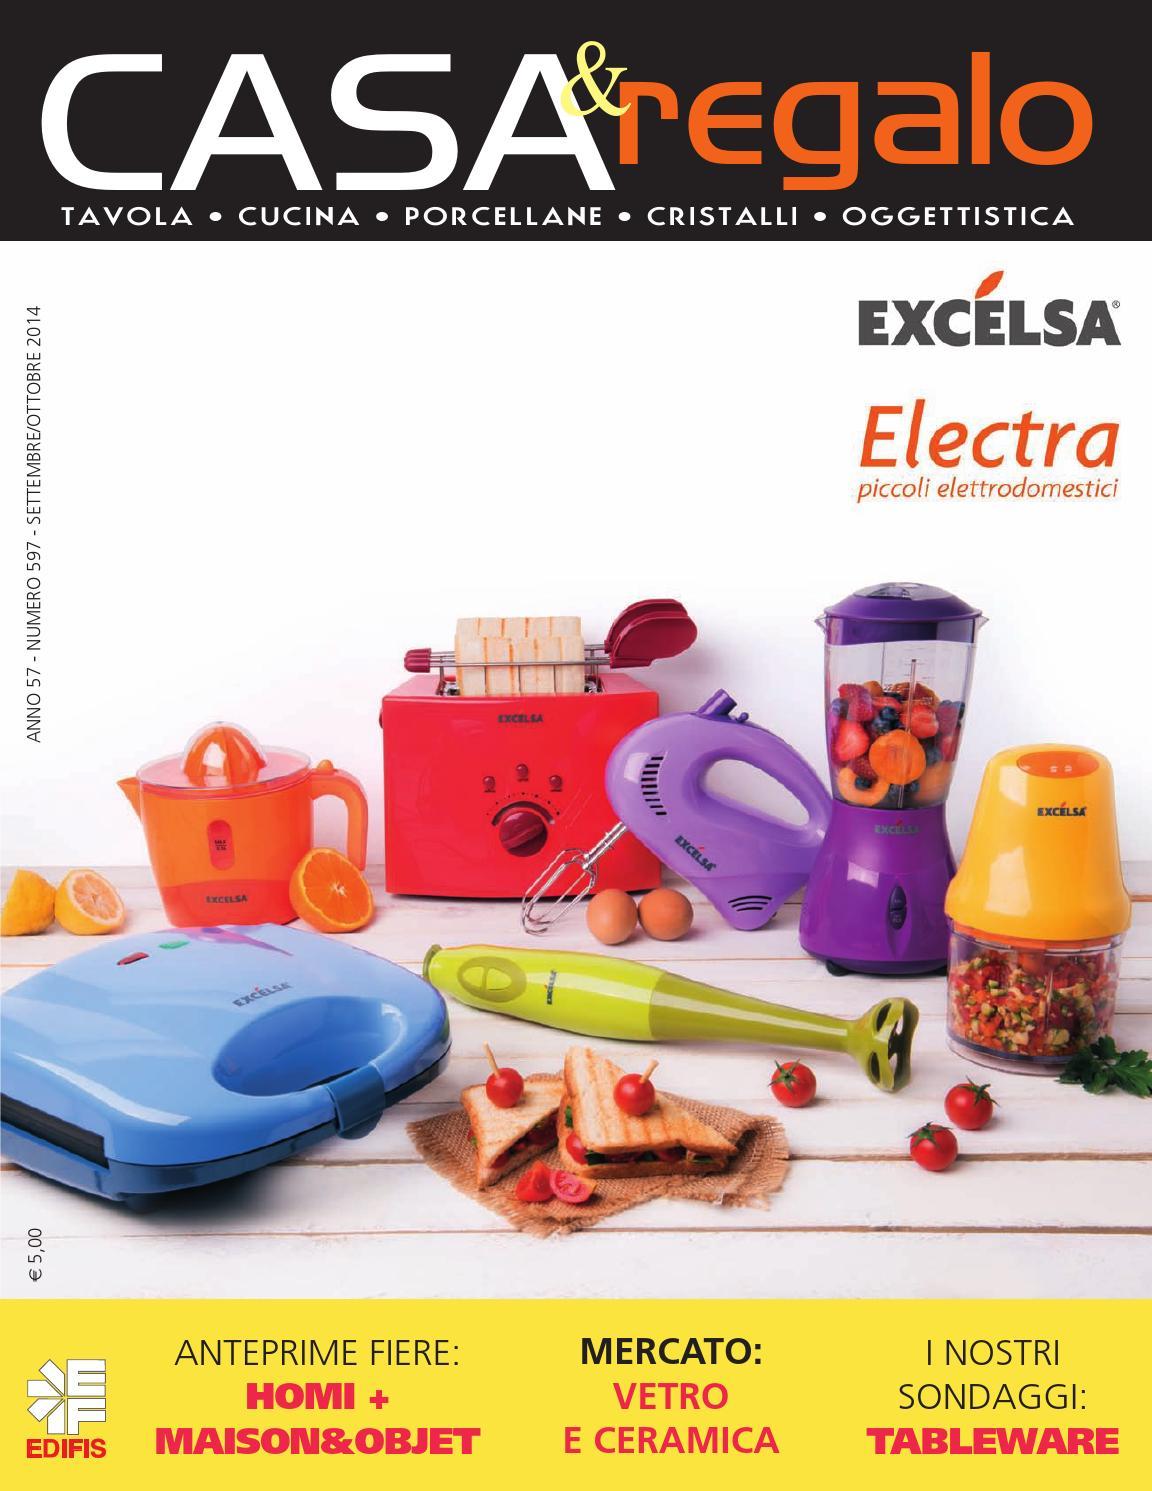 Centro Ceramica Di Sacco Lorenzo C Snc.Casa Regalo 09 10 2014 By Edifis Issuu